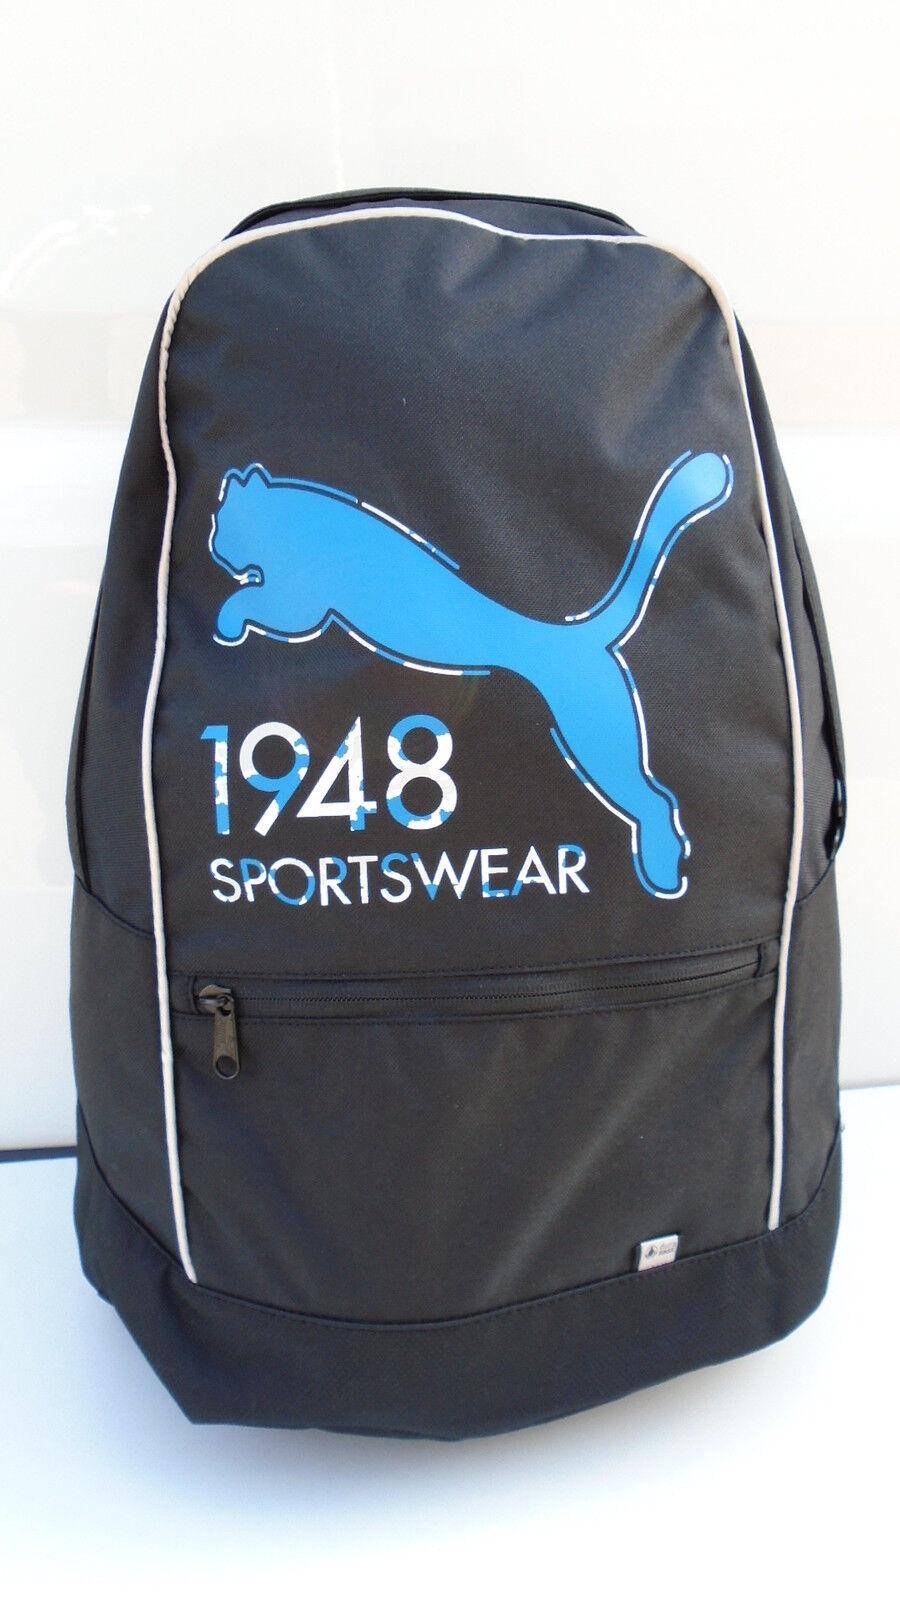 843dcd45fb43d PUMA Rucksack schwarz Backpack für Sport Freizeit Reise Schule ...